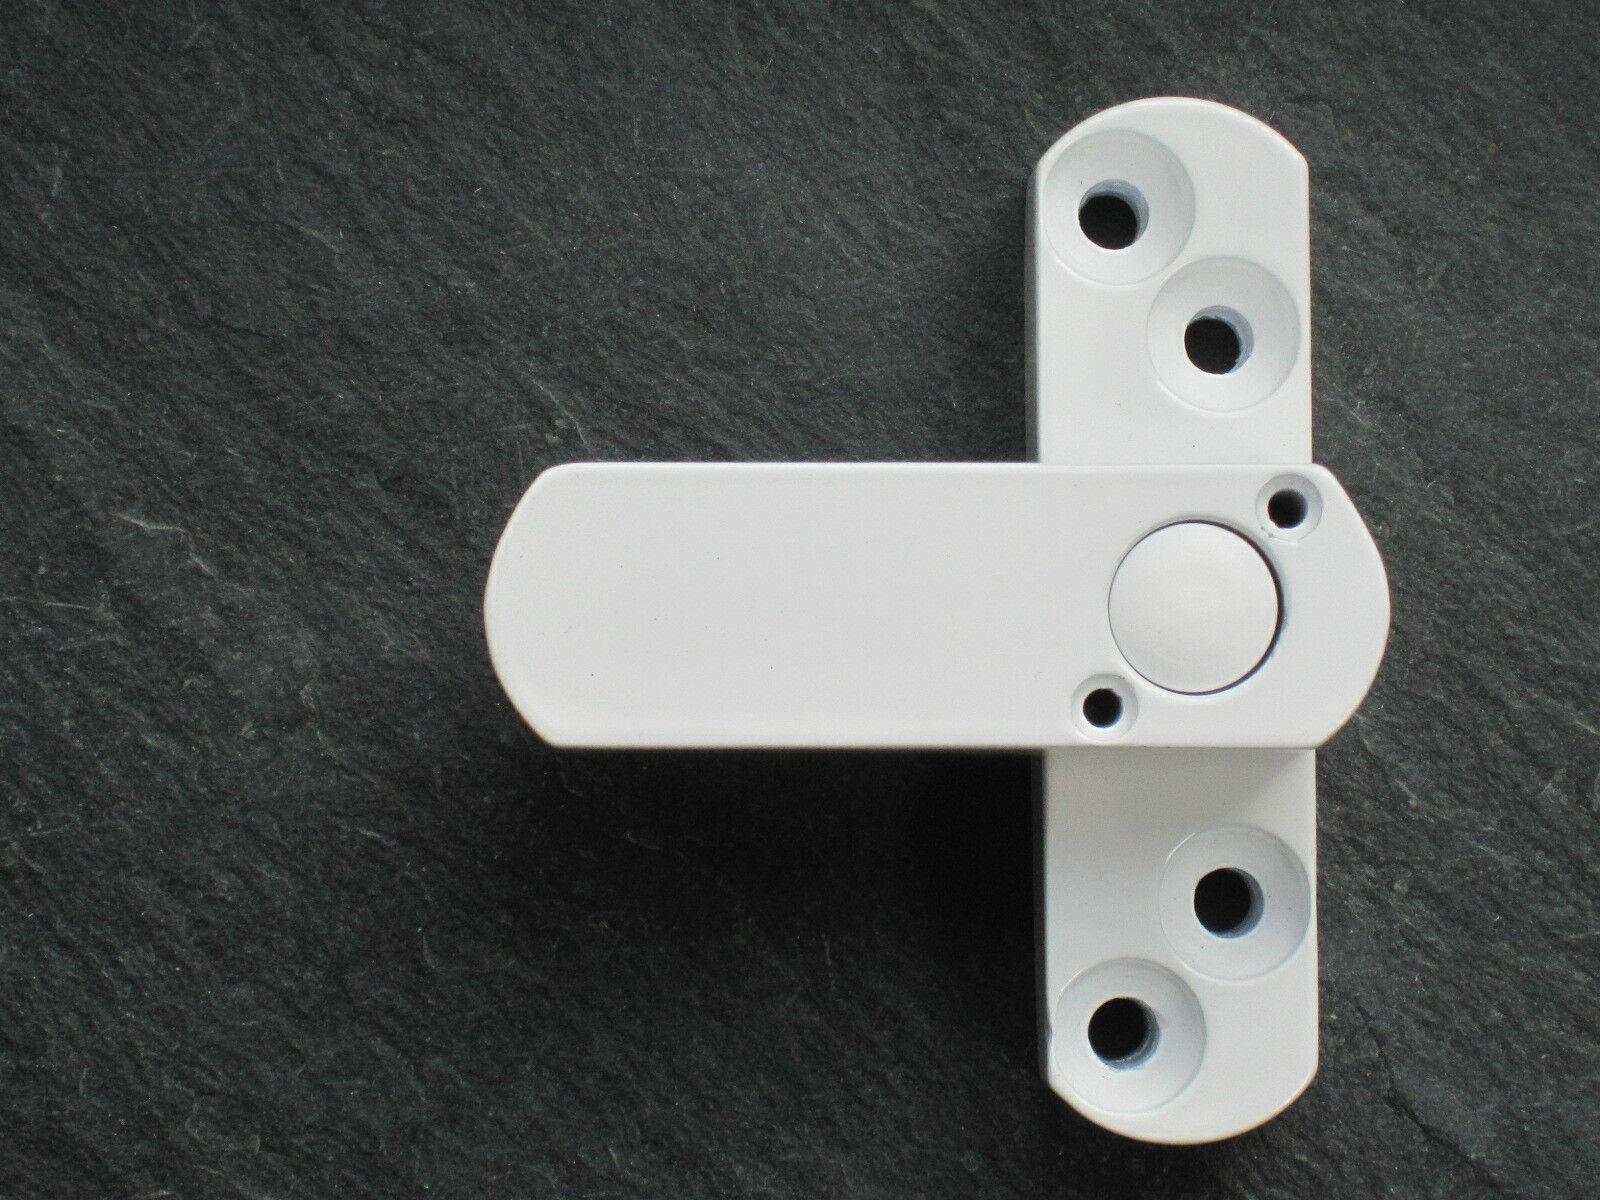 6 X Bever Fenstersicherung Einbruchsicherung 1-flügelig weiß 20SW Sicherung